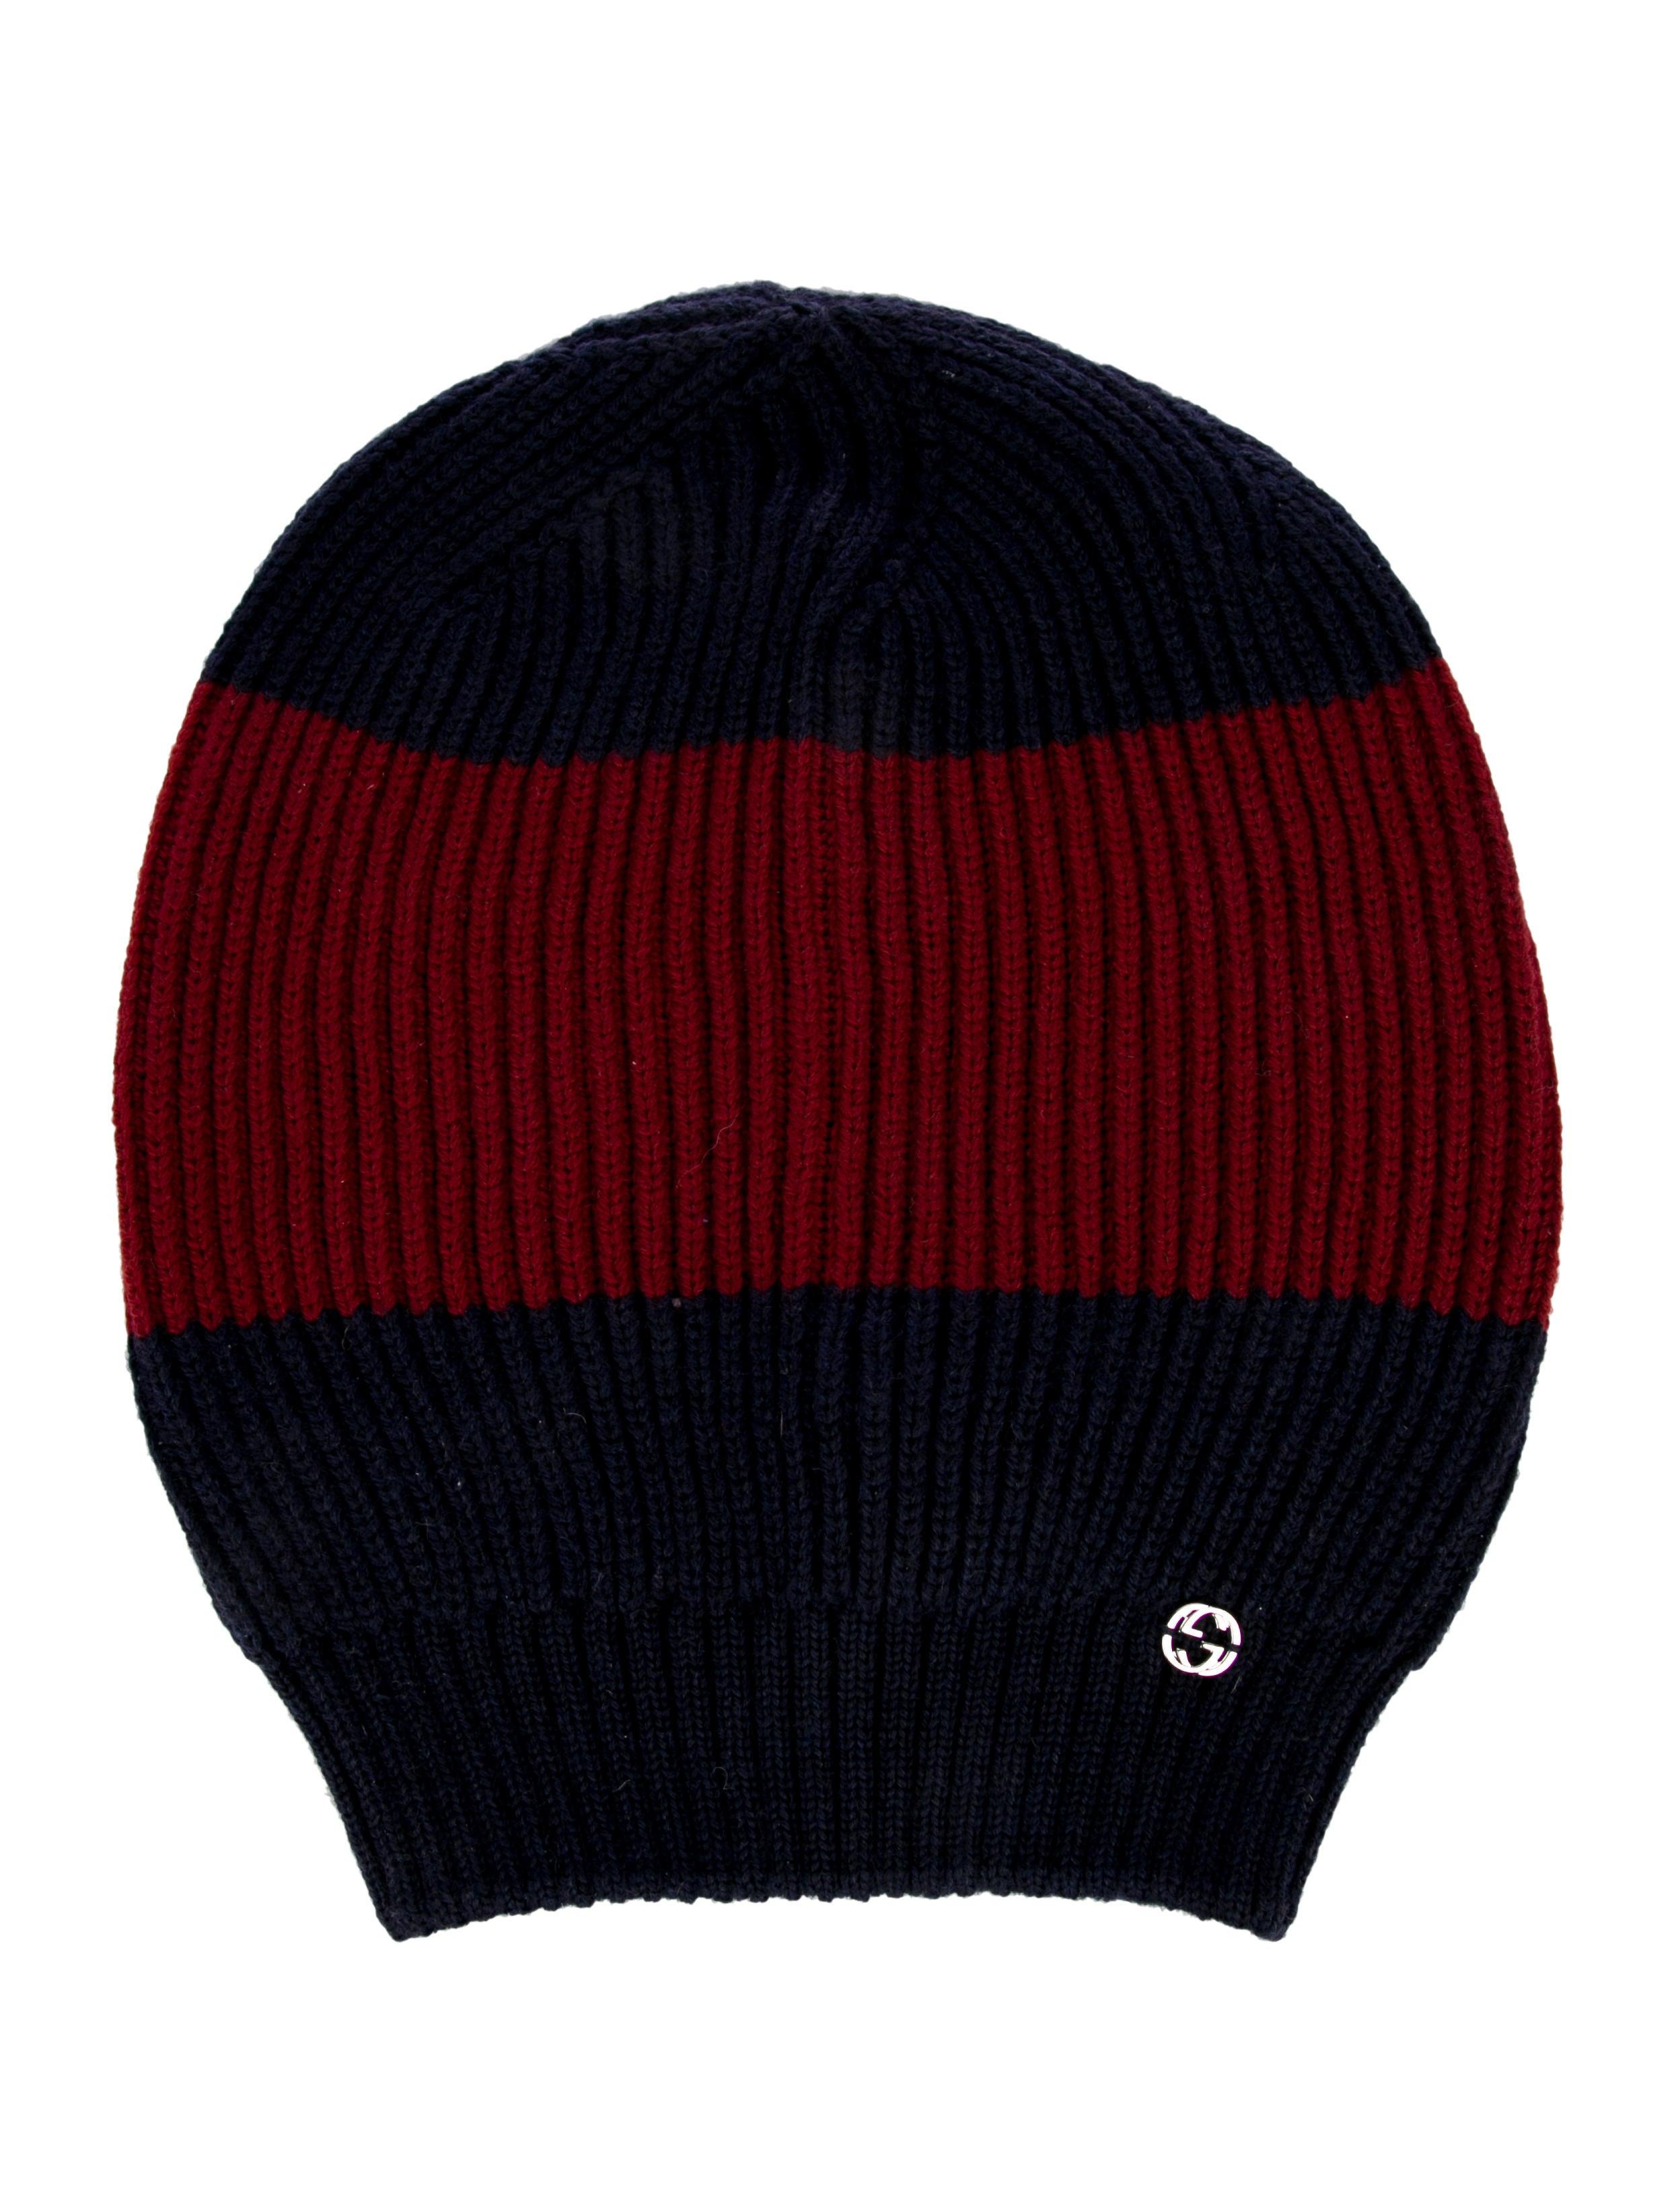 Gucci Wool Web Knit Beanie w Tags - Accessories - GUC238293  3b572cf74f5